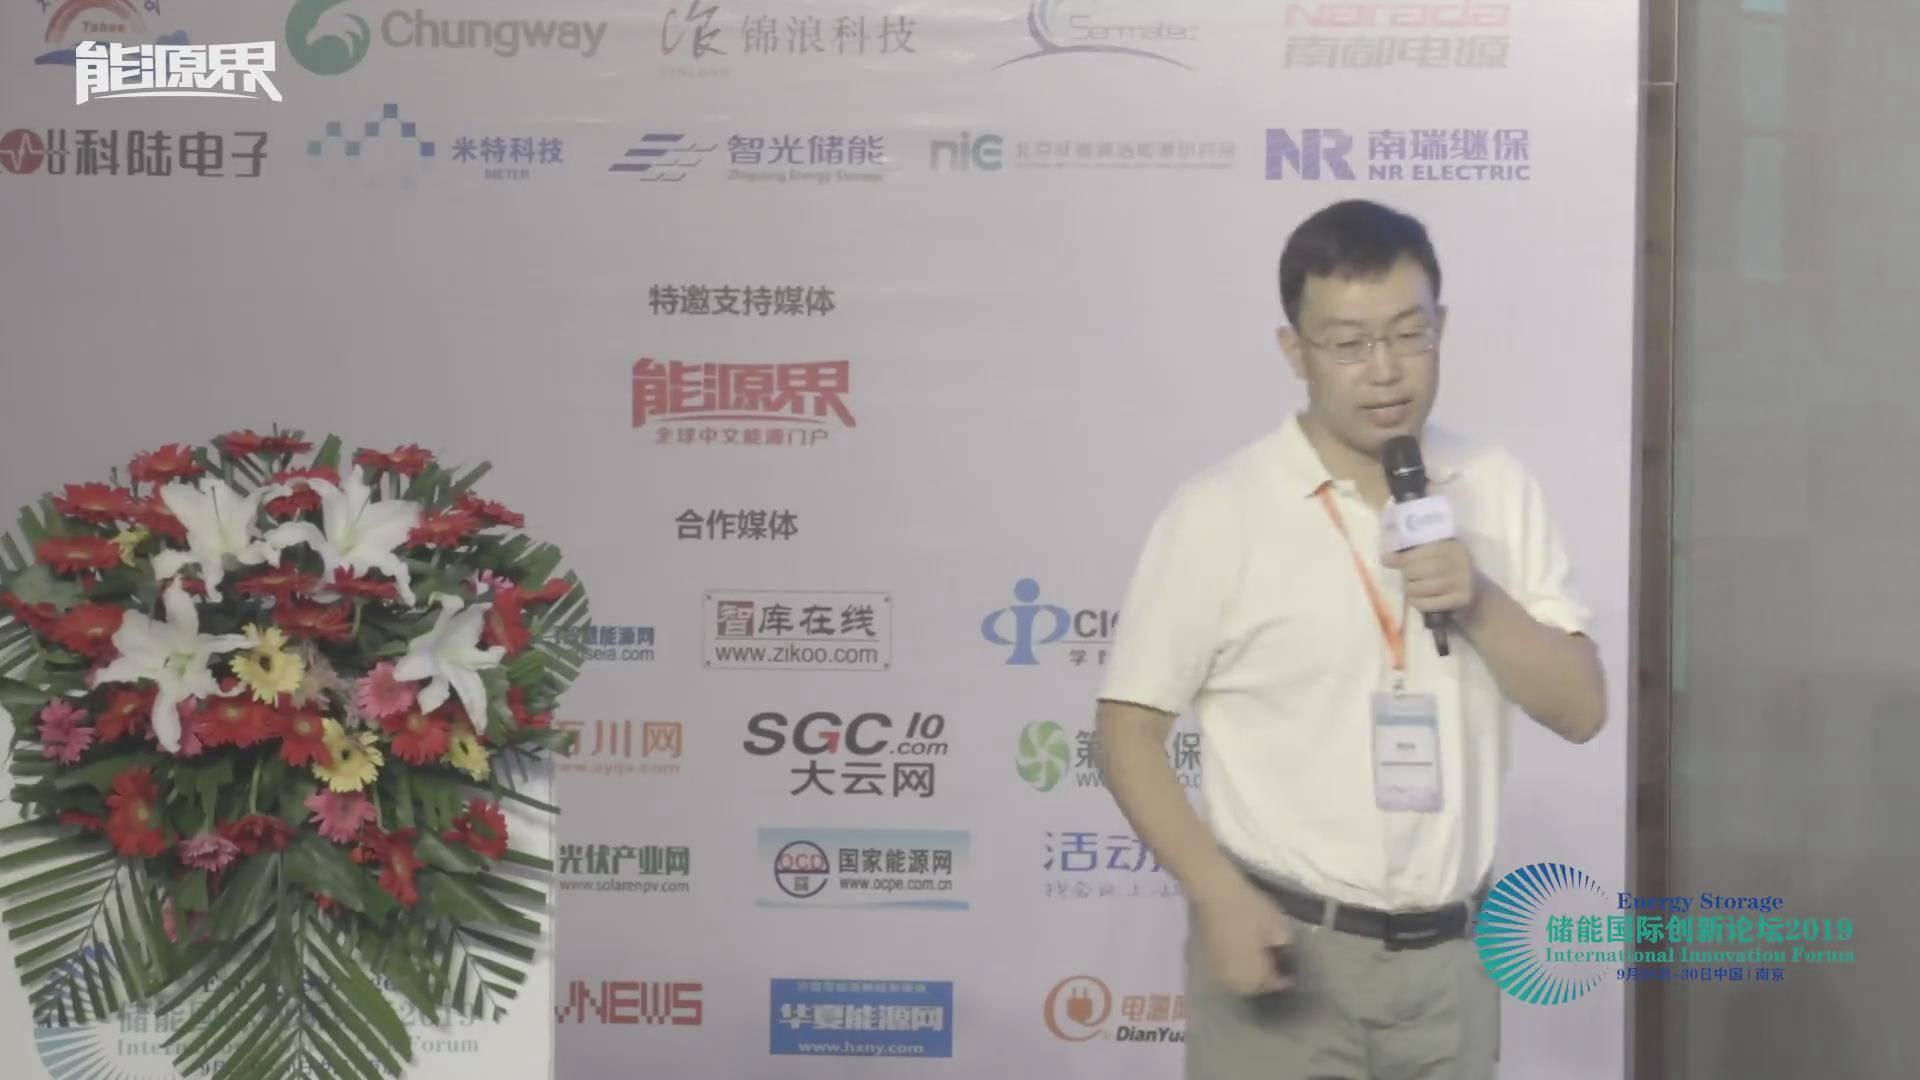 劉慶華:新一代液流儲能電池技術開發